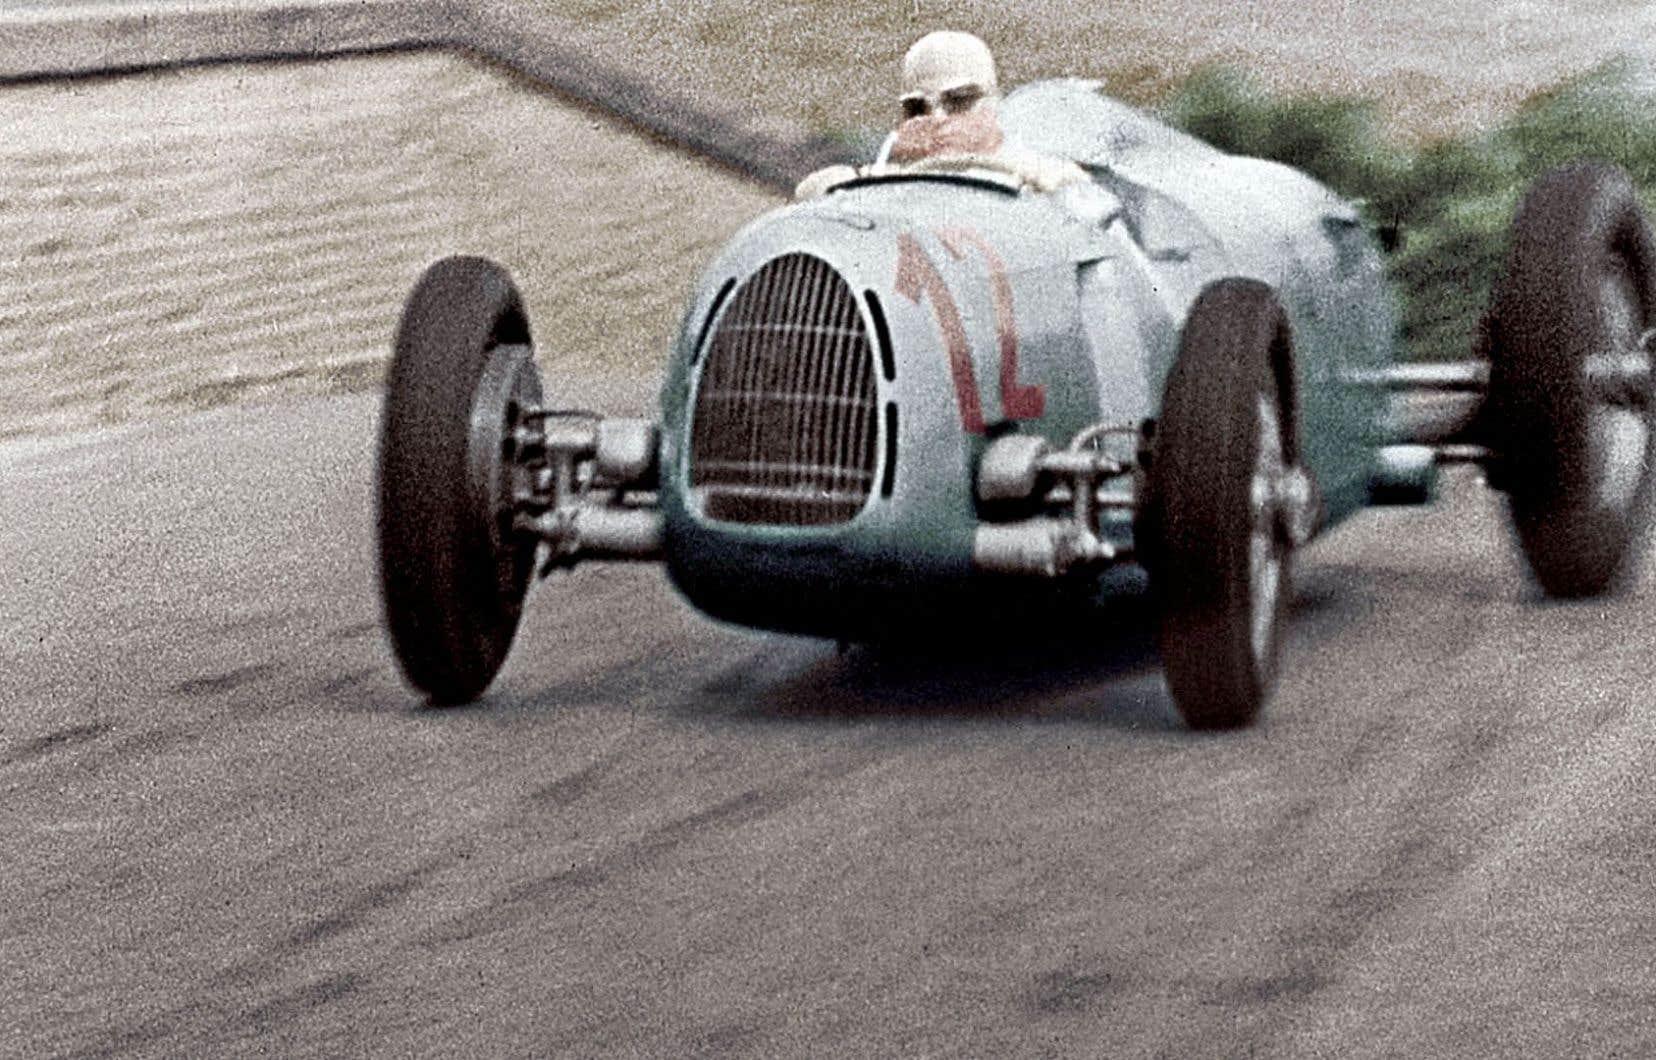 Le prolifique pilote automobile Bernd Rosemeyer a, pendant sa carrière, tellement plu aux nazis qu'il a été nommé dans les SS.